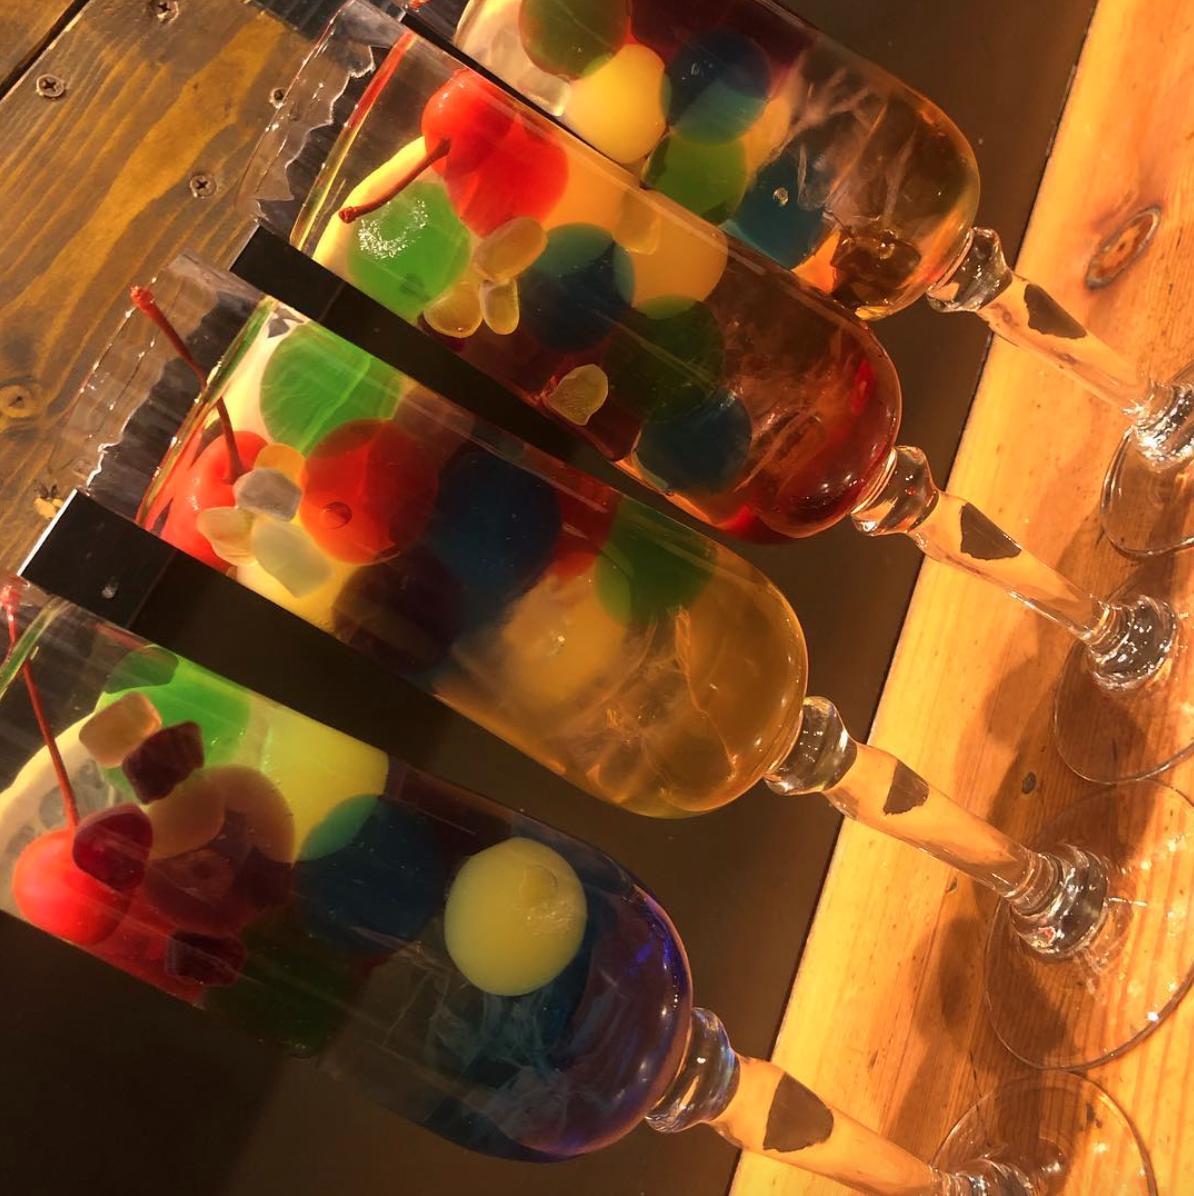 数時間待ちは当たり前!?見た目も味も極上のカキ氷を、岡崎市の専門店「六華亭」で味わう - 4dd8a860e1c31465e7c0f6f99dc2f68b